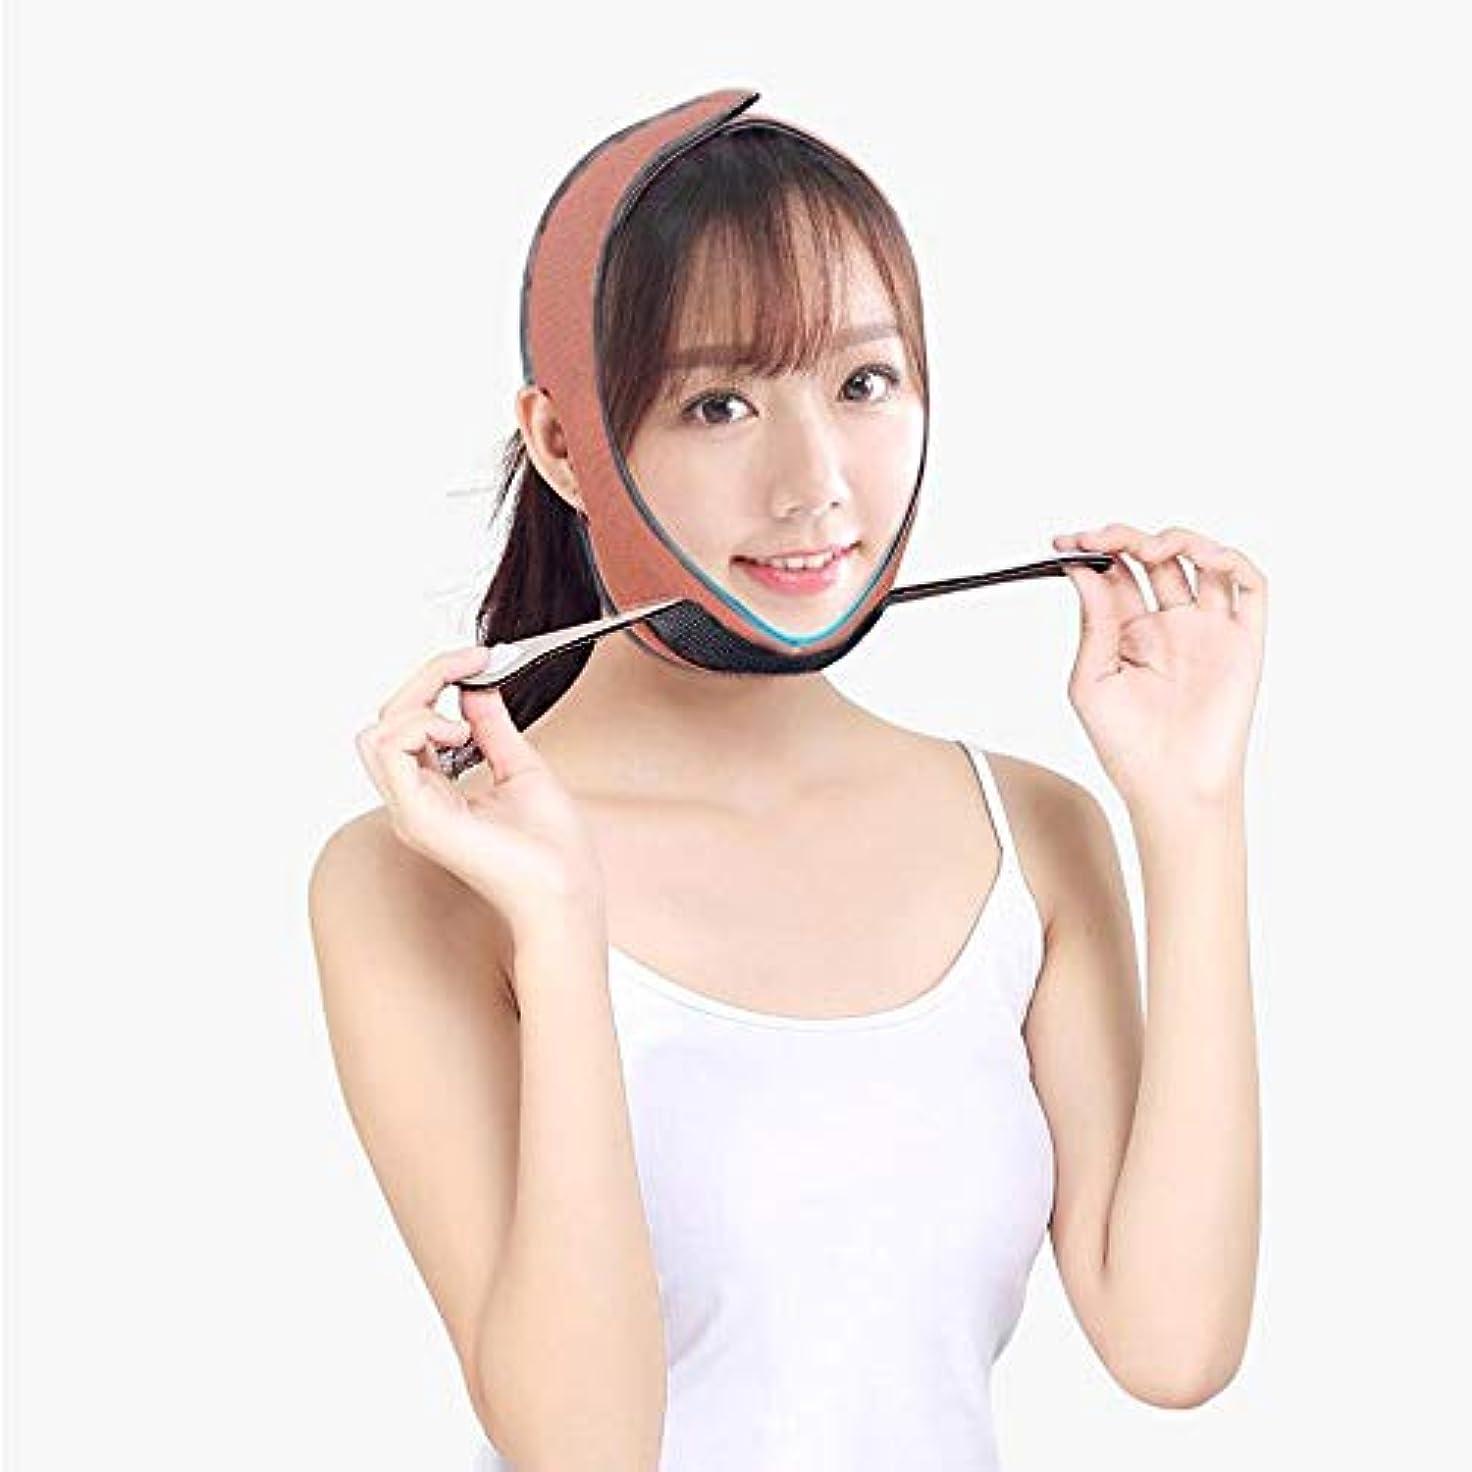 クリープ雑種肥沃なMinmin フェイシャルリフティングスリミングベルト - 薄いフェイス包帯Vフェイス包帯マスクフェイシャルマッサージャー無料整形マスク顔と首の顔を引き締めますスリム みんみんVラインフェイスマスク